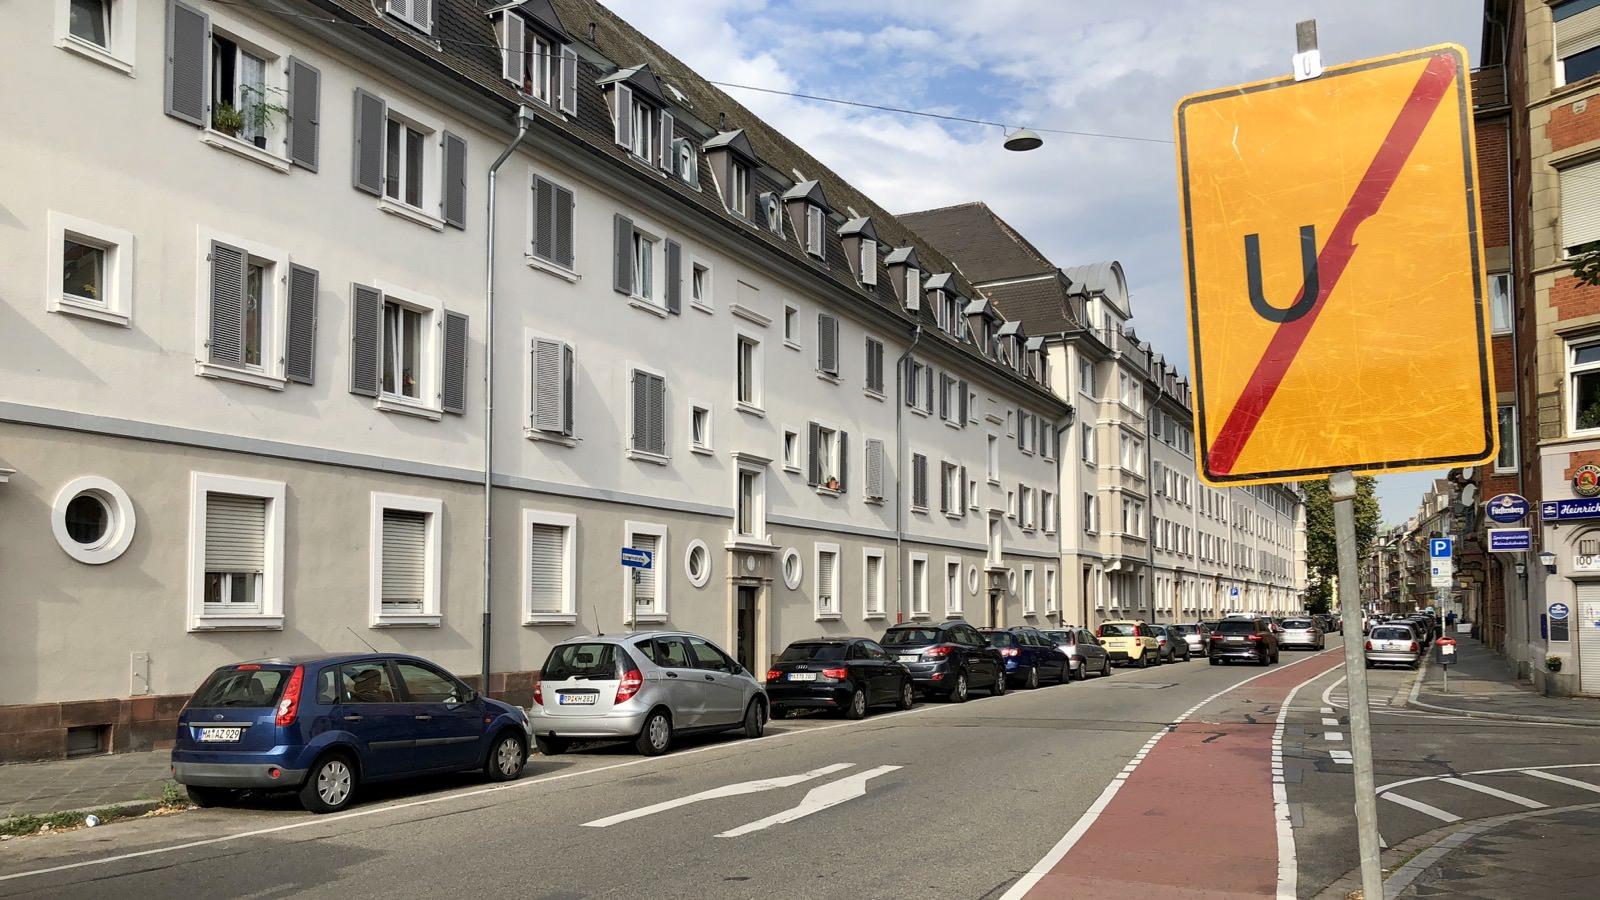 In der Käfertaler Straße wird zu schnell gefahren (Archivbild 2018) | Foto: M. Schülke